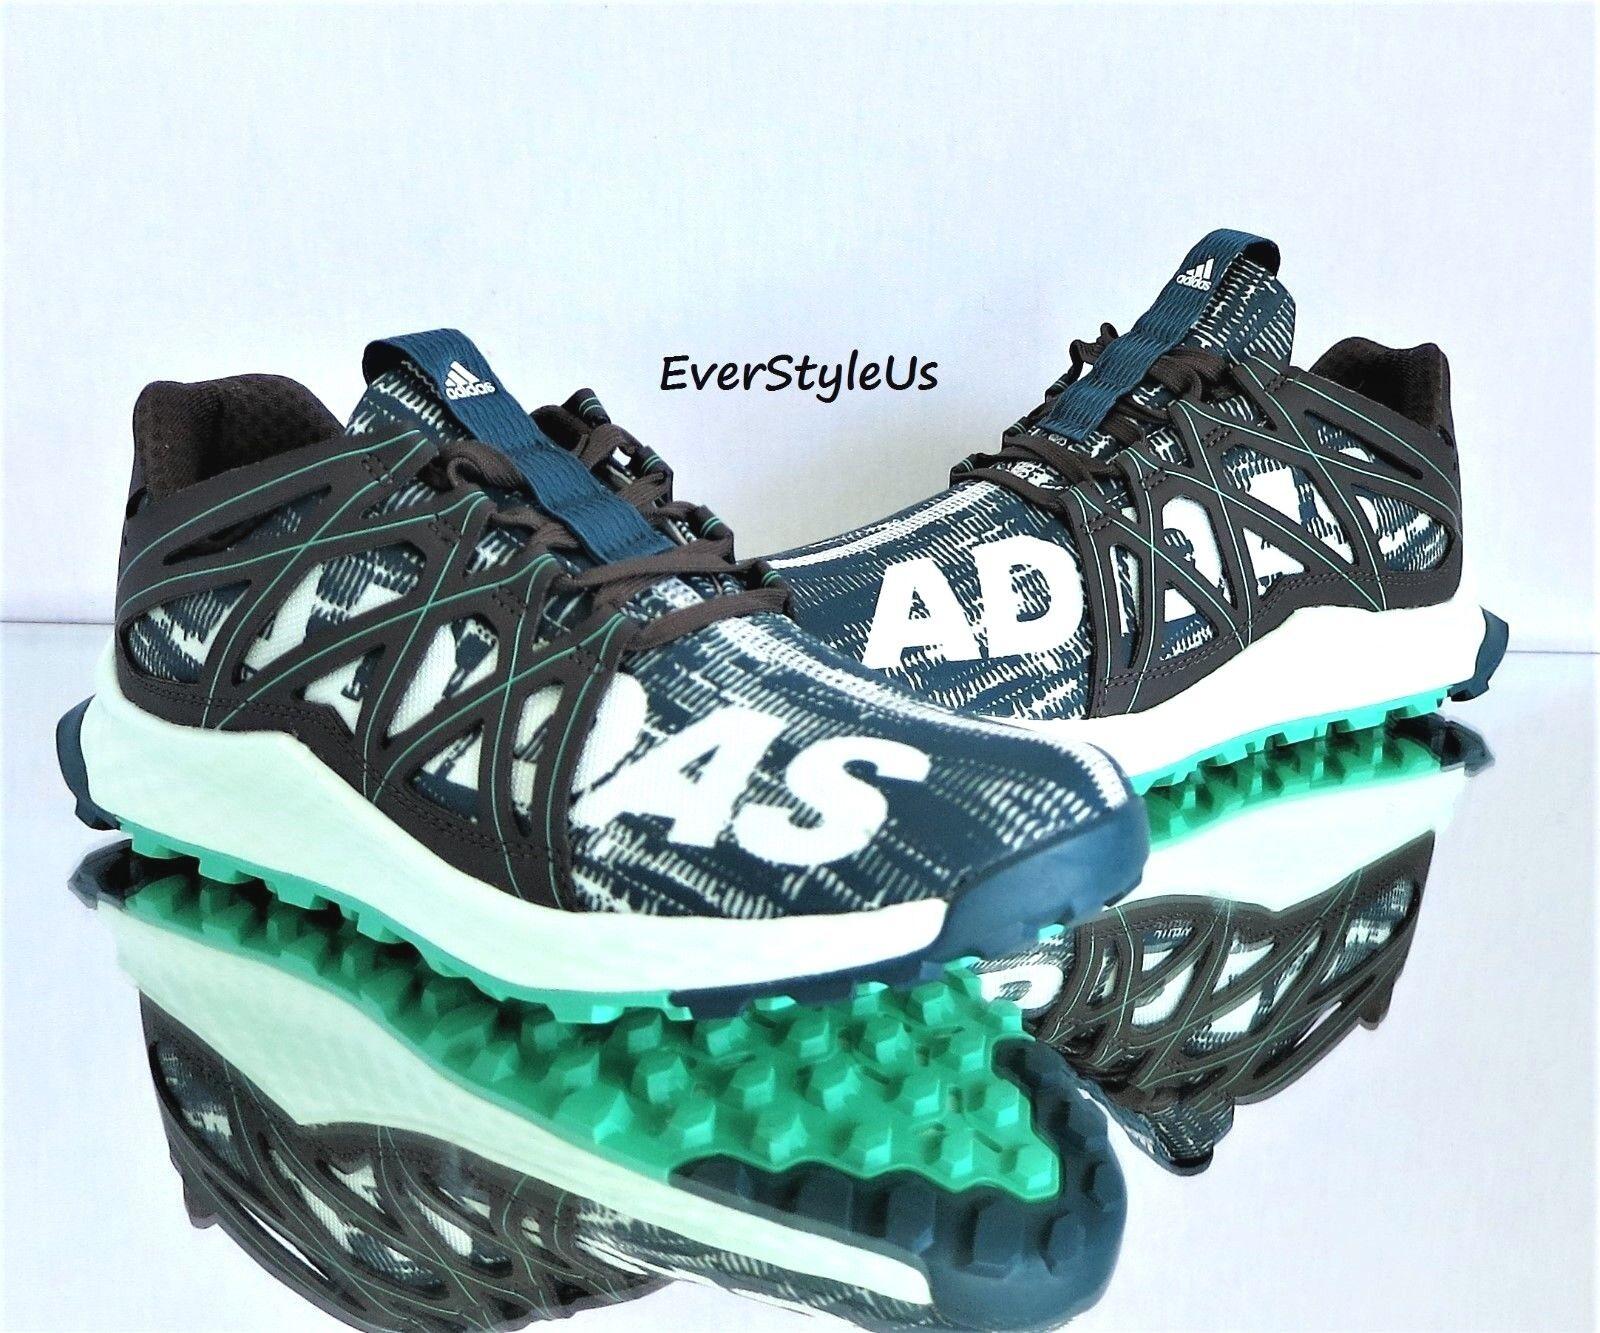 adidas kraft auf die grün spur aq7518 frauen schuhe grün die dreckige kleine sz 7.5: 8,5 64e8c9